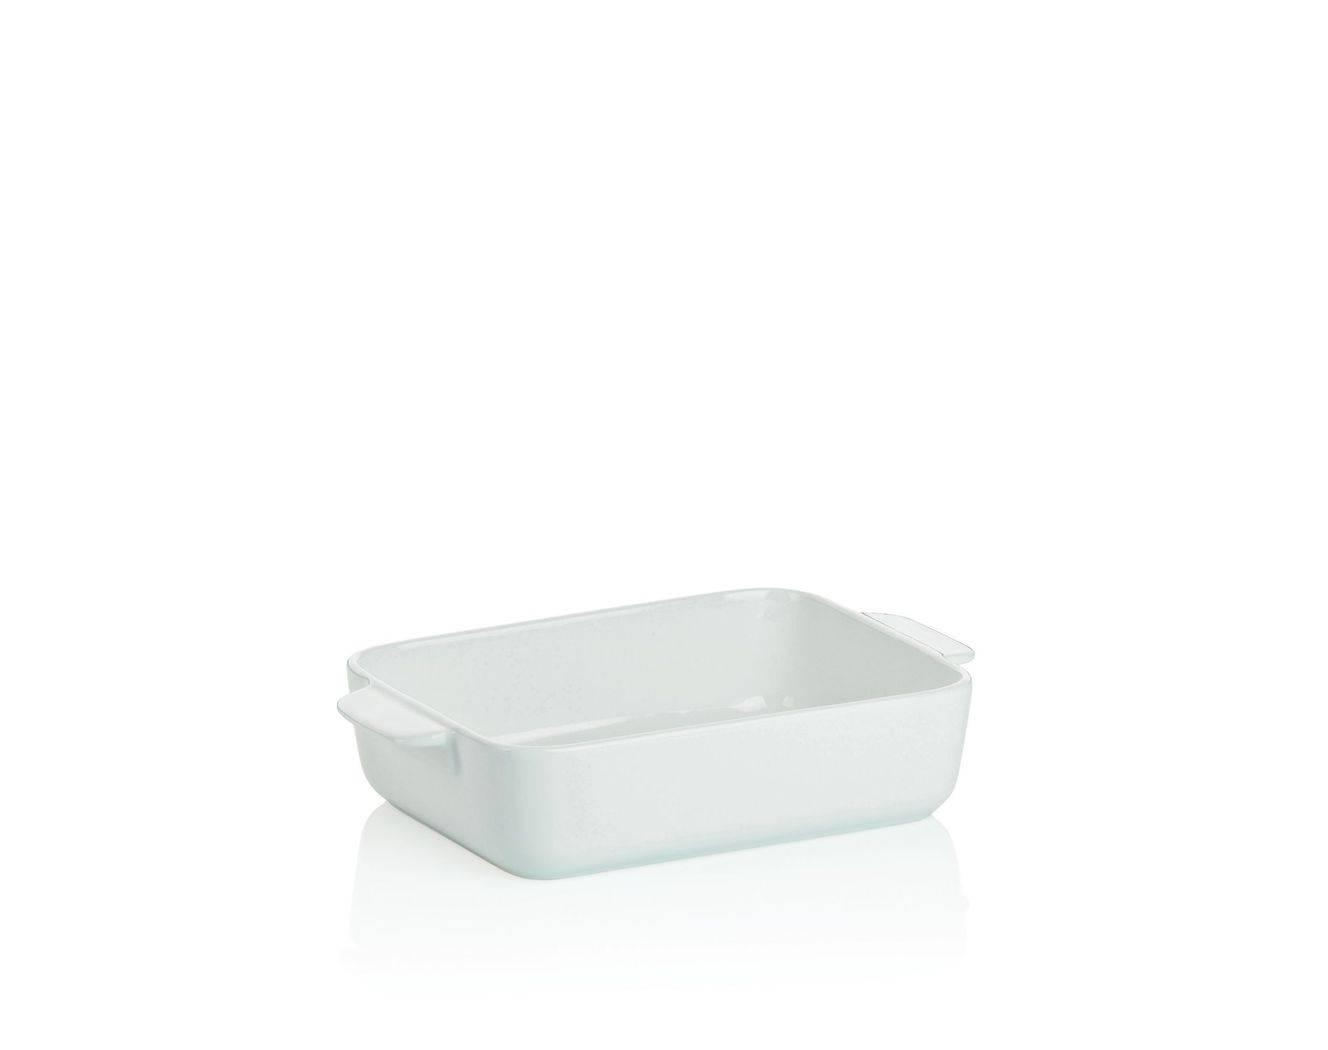 Pekáč ESTER 22x13,5x4,5cm, porcelán KL-11685 - Kela